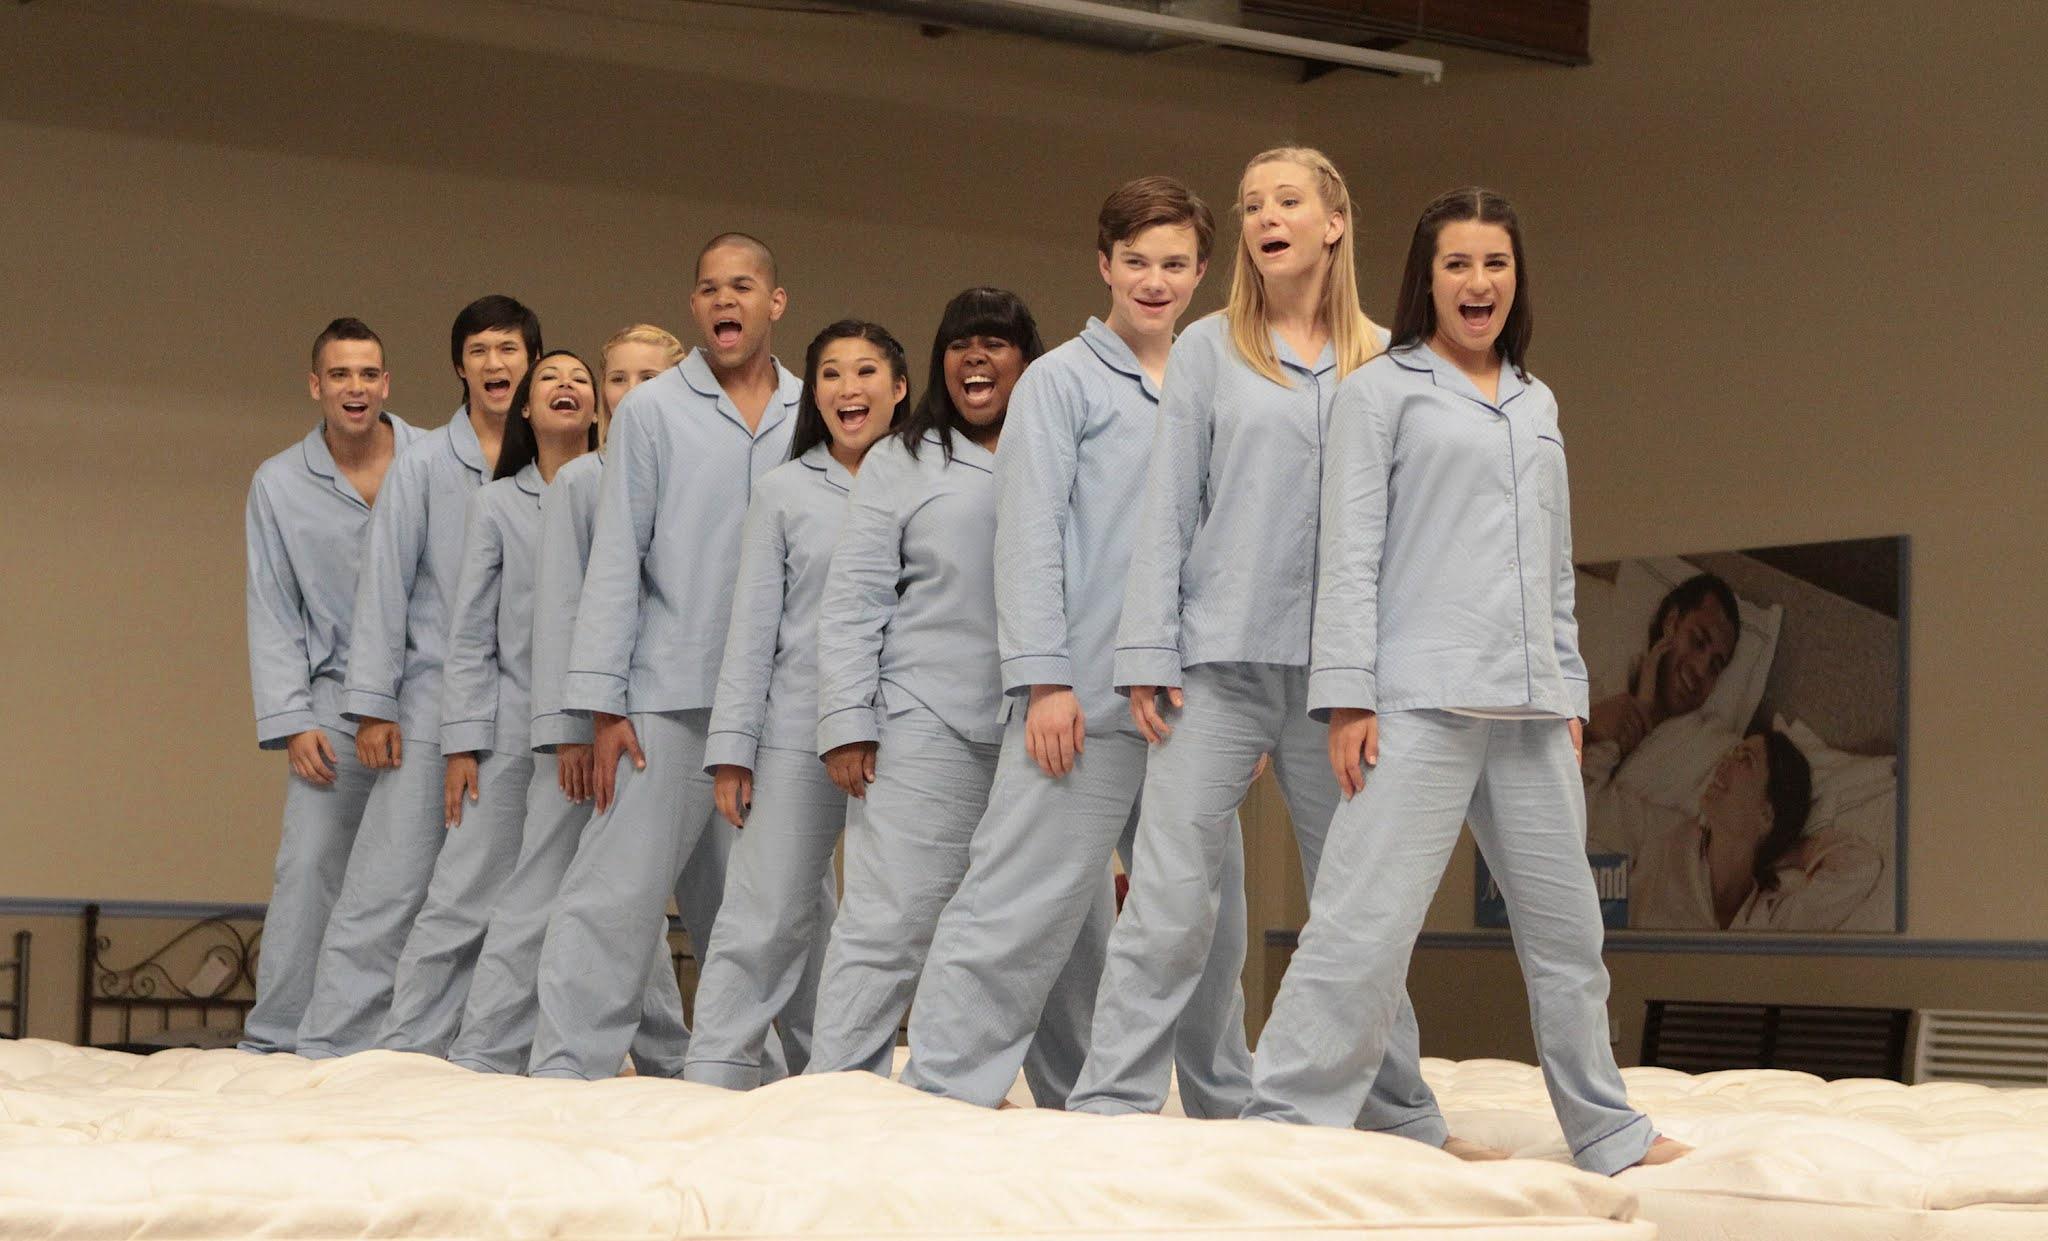 elenco de glee vestido de pijama azul claro, composto por calça e blusa de manga comprida, cantando enfileirados, um atrás do outro, em cima de um colchão enquanto gravavam um comercial para uma loja de colchões.